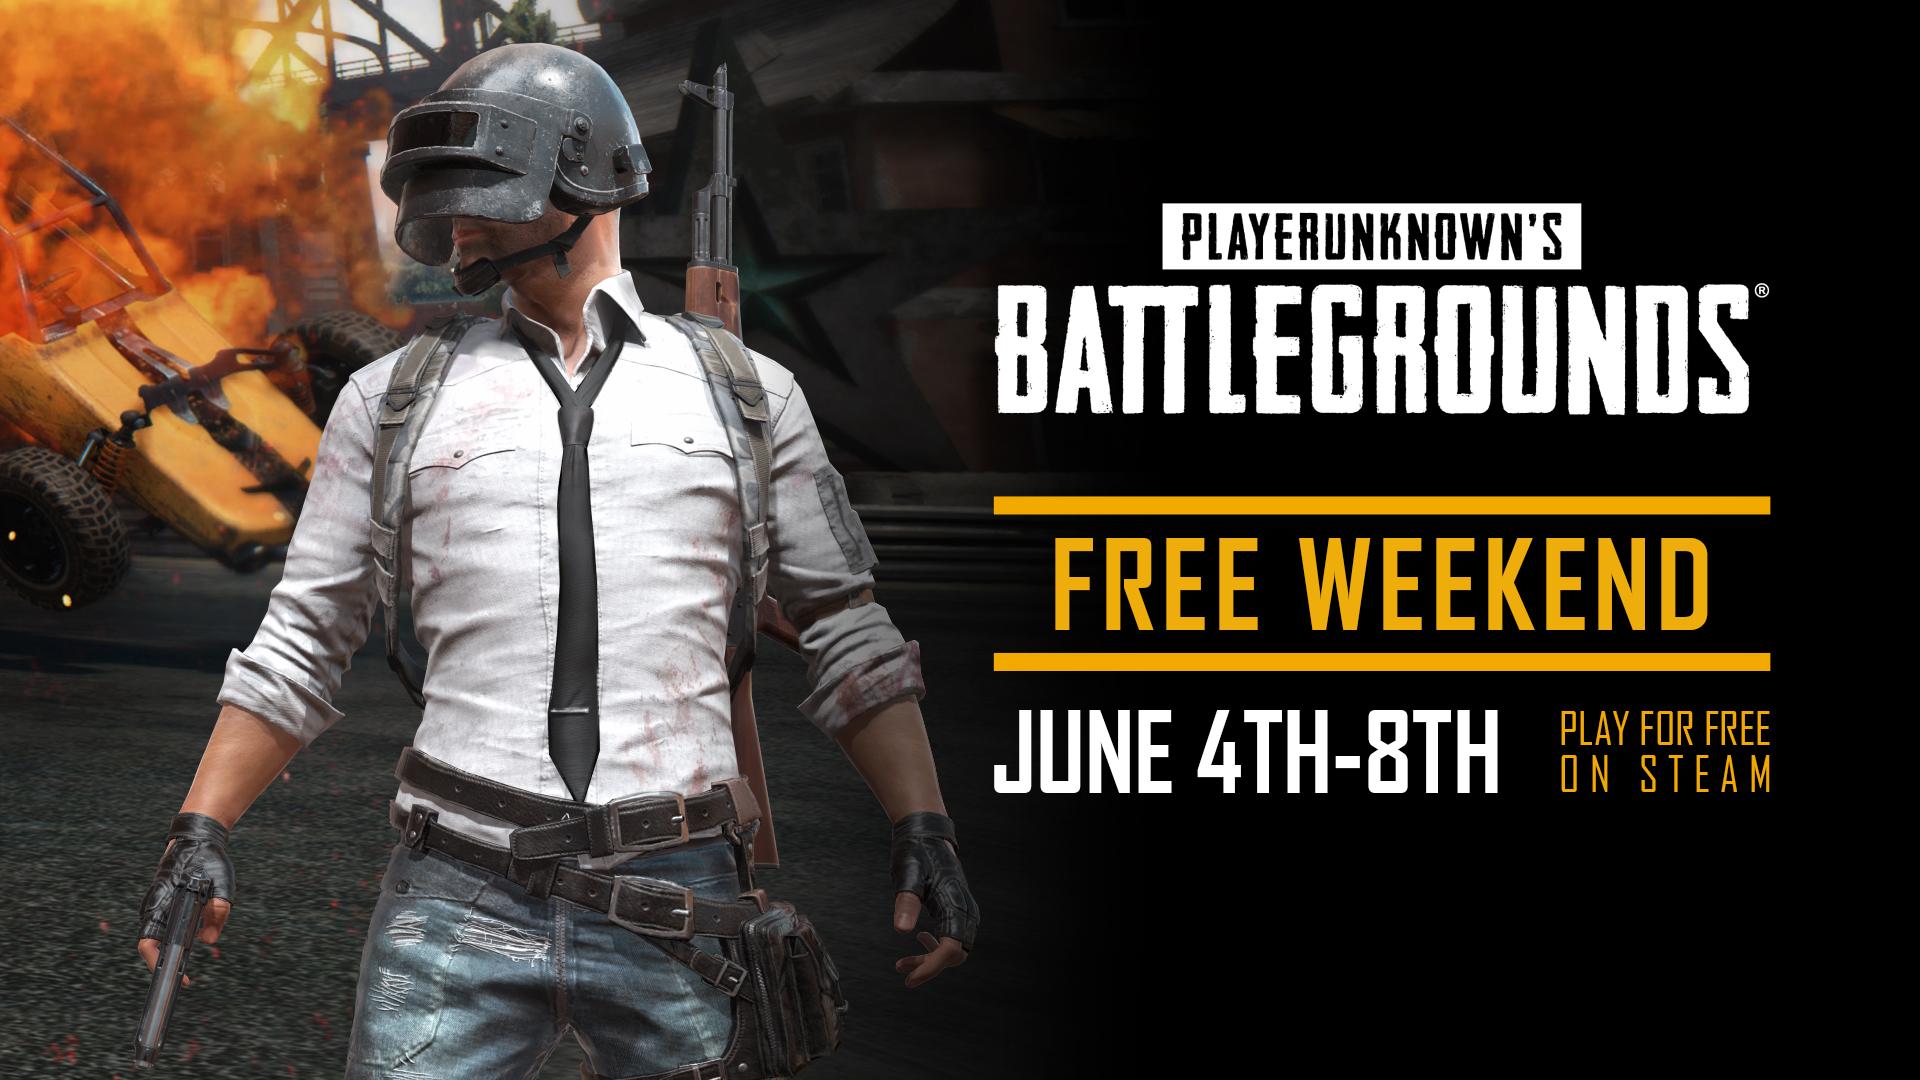 《绝地求生》Steam下周末免费开玩 限时半价优惠